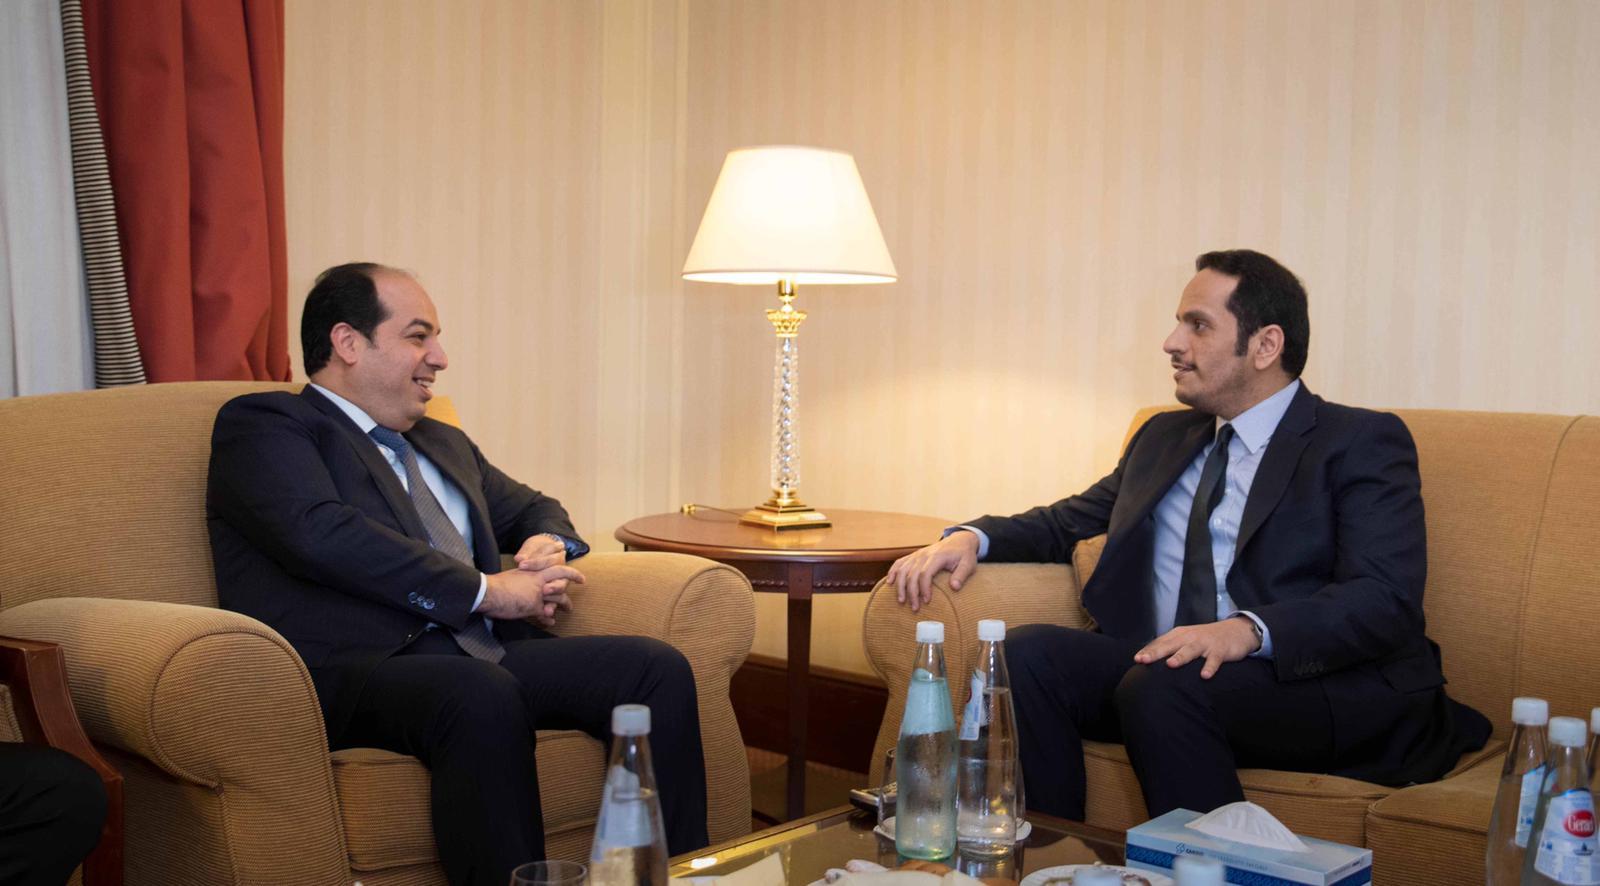 نائب رئيس مجلس الوزراء وزير الخارجية يجتمع نائب رئيس المجلس الرئاسي لحكومة الوفاق الوطني الليبية